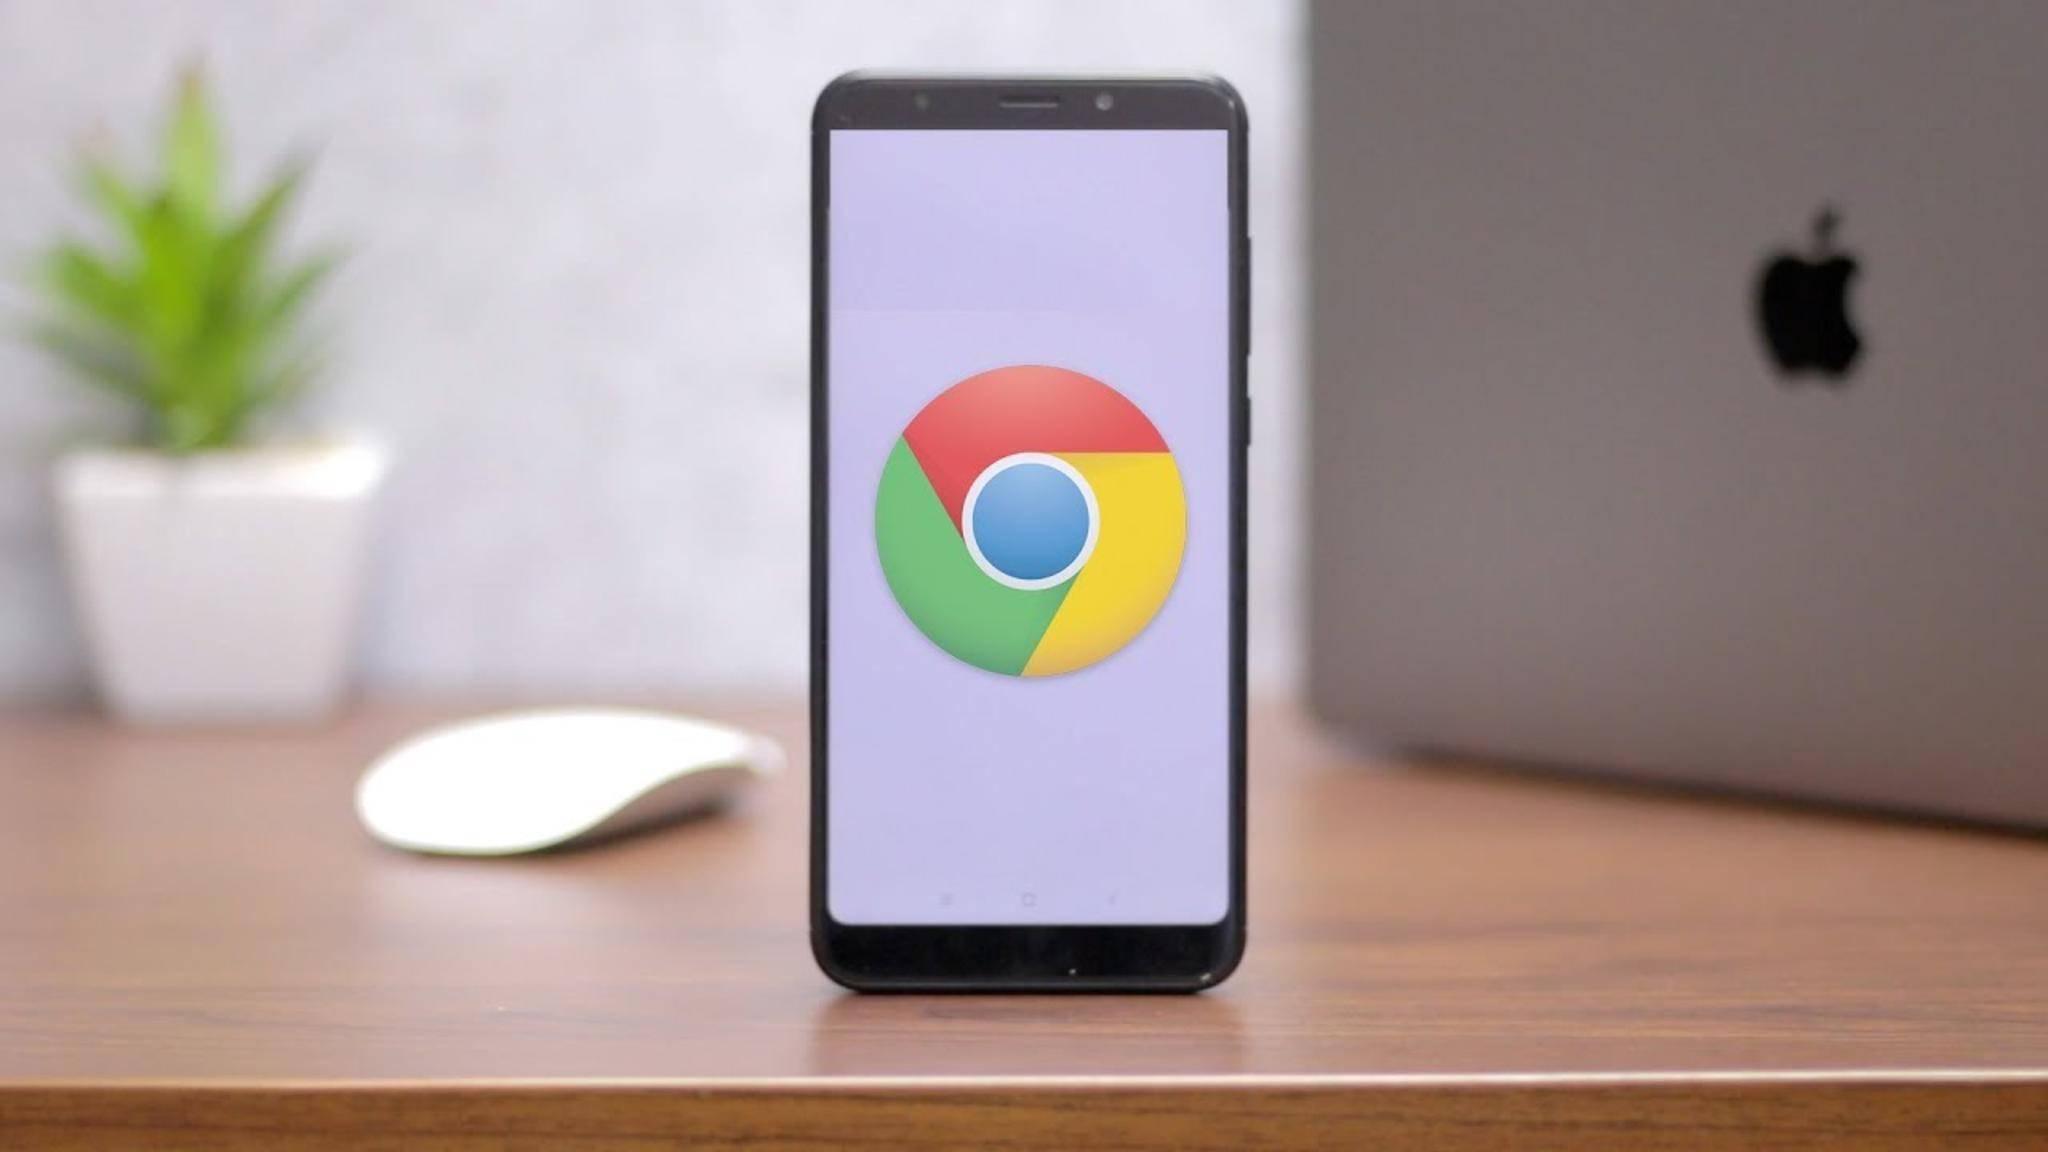 Keine Lust auf Chrome als Standard-Browser? Android lässt Dir freie Wahl.